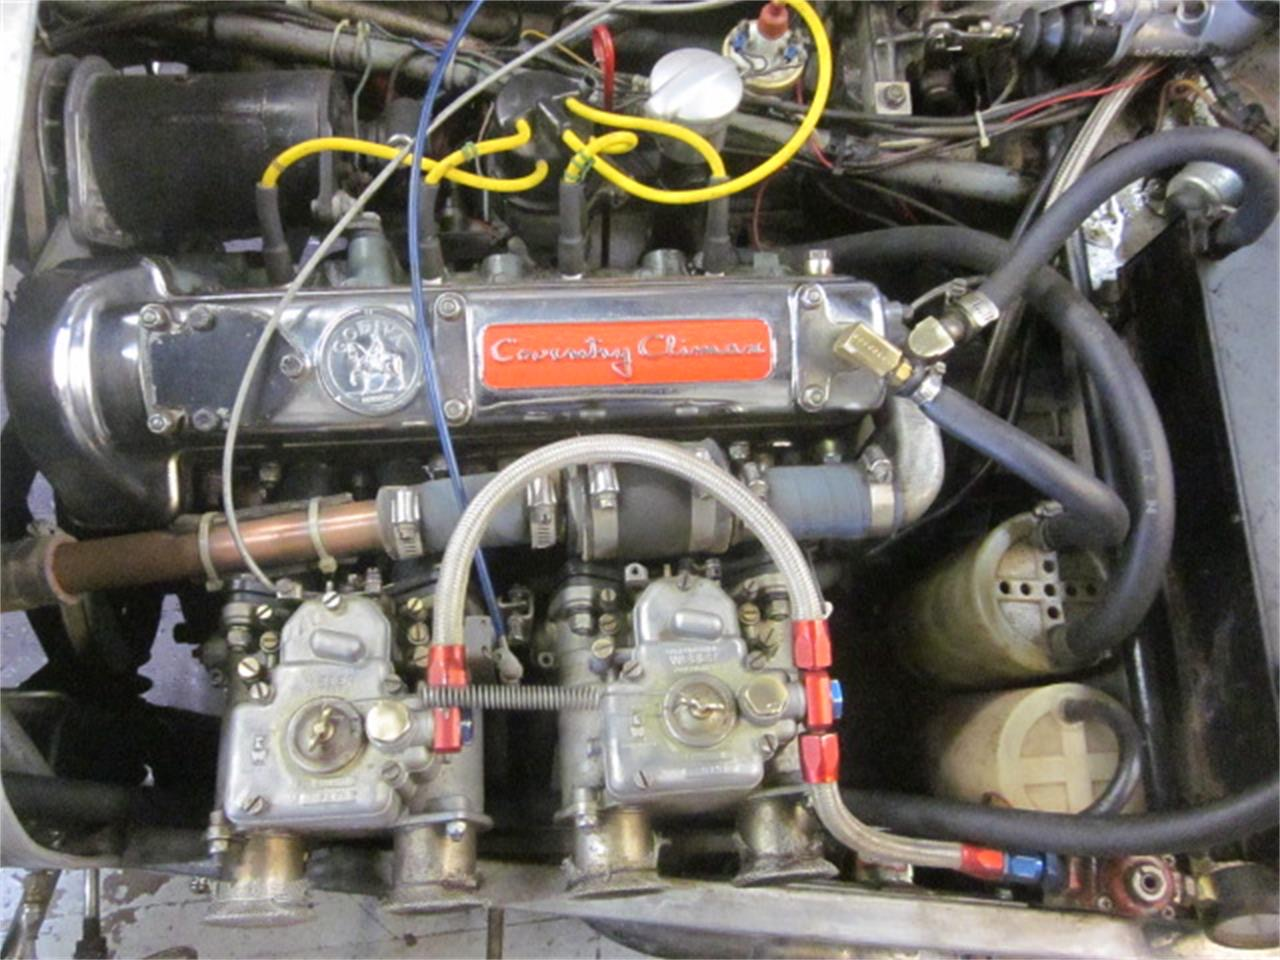 Lotus Super 7, Lotus Super 7: Road car for racing or racing car for the road?, ClassicCars.com Journal